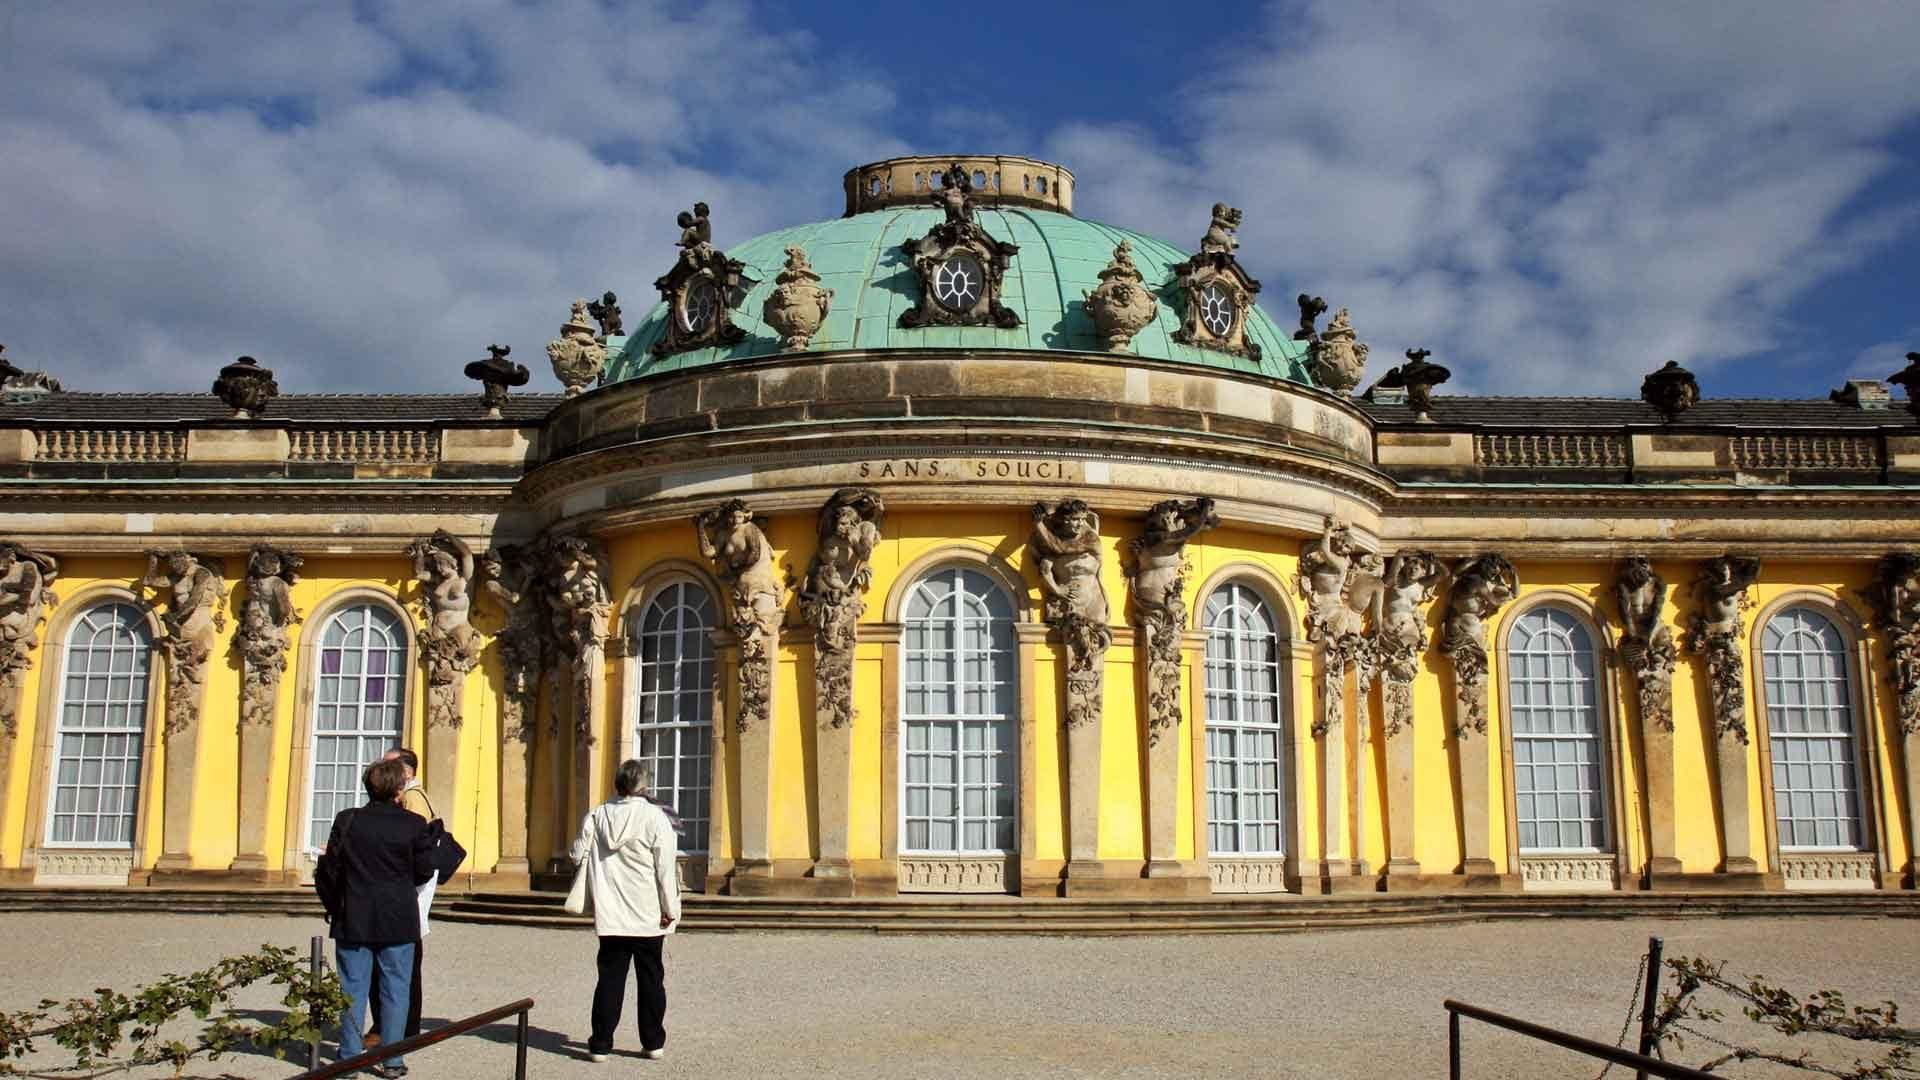 Fietsen in Potsdam: het schitterende slot Sanssouci in Potsdam.